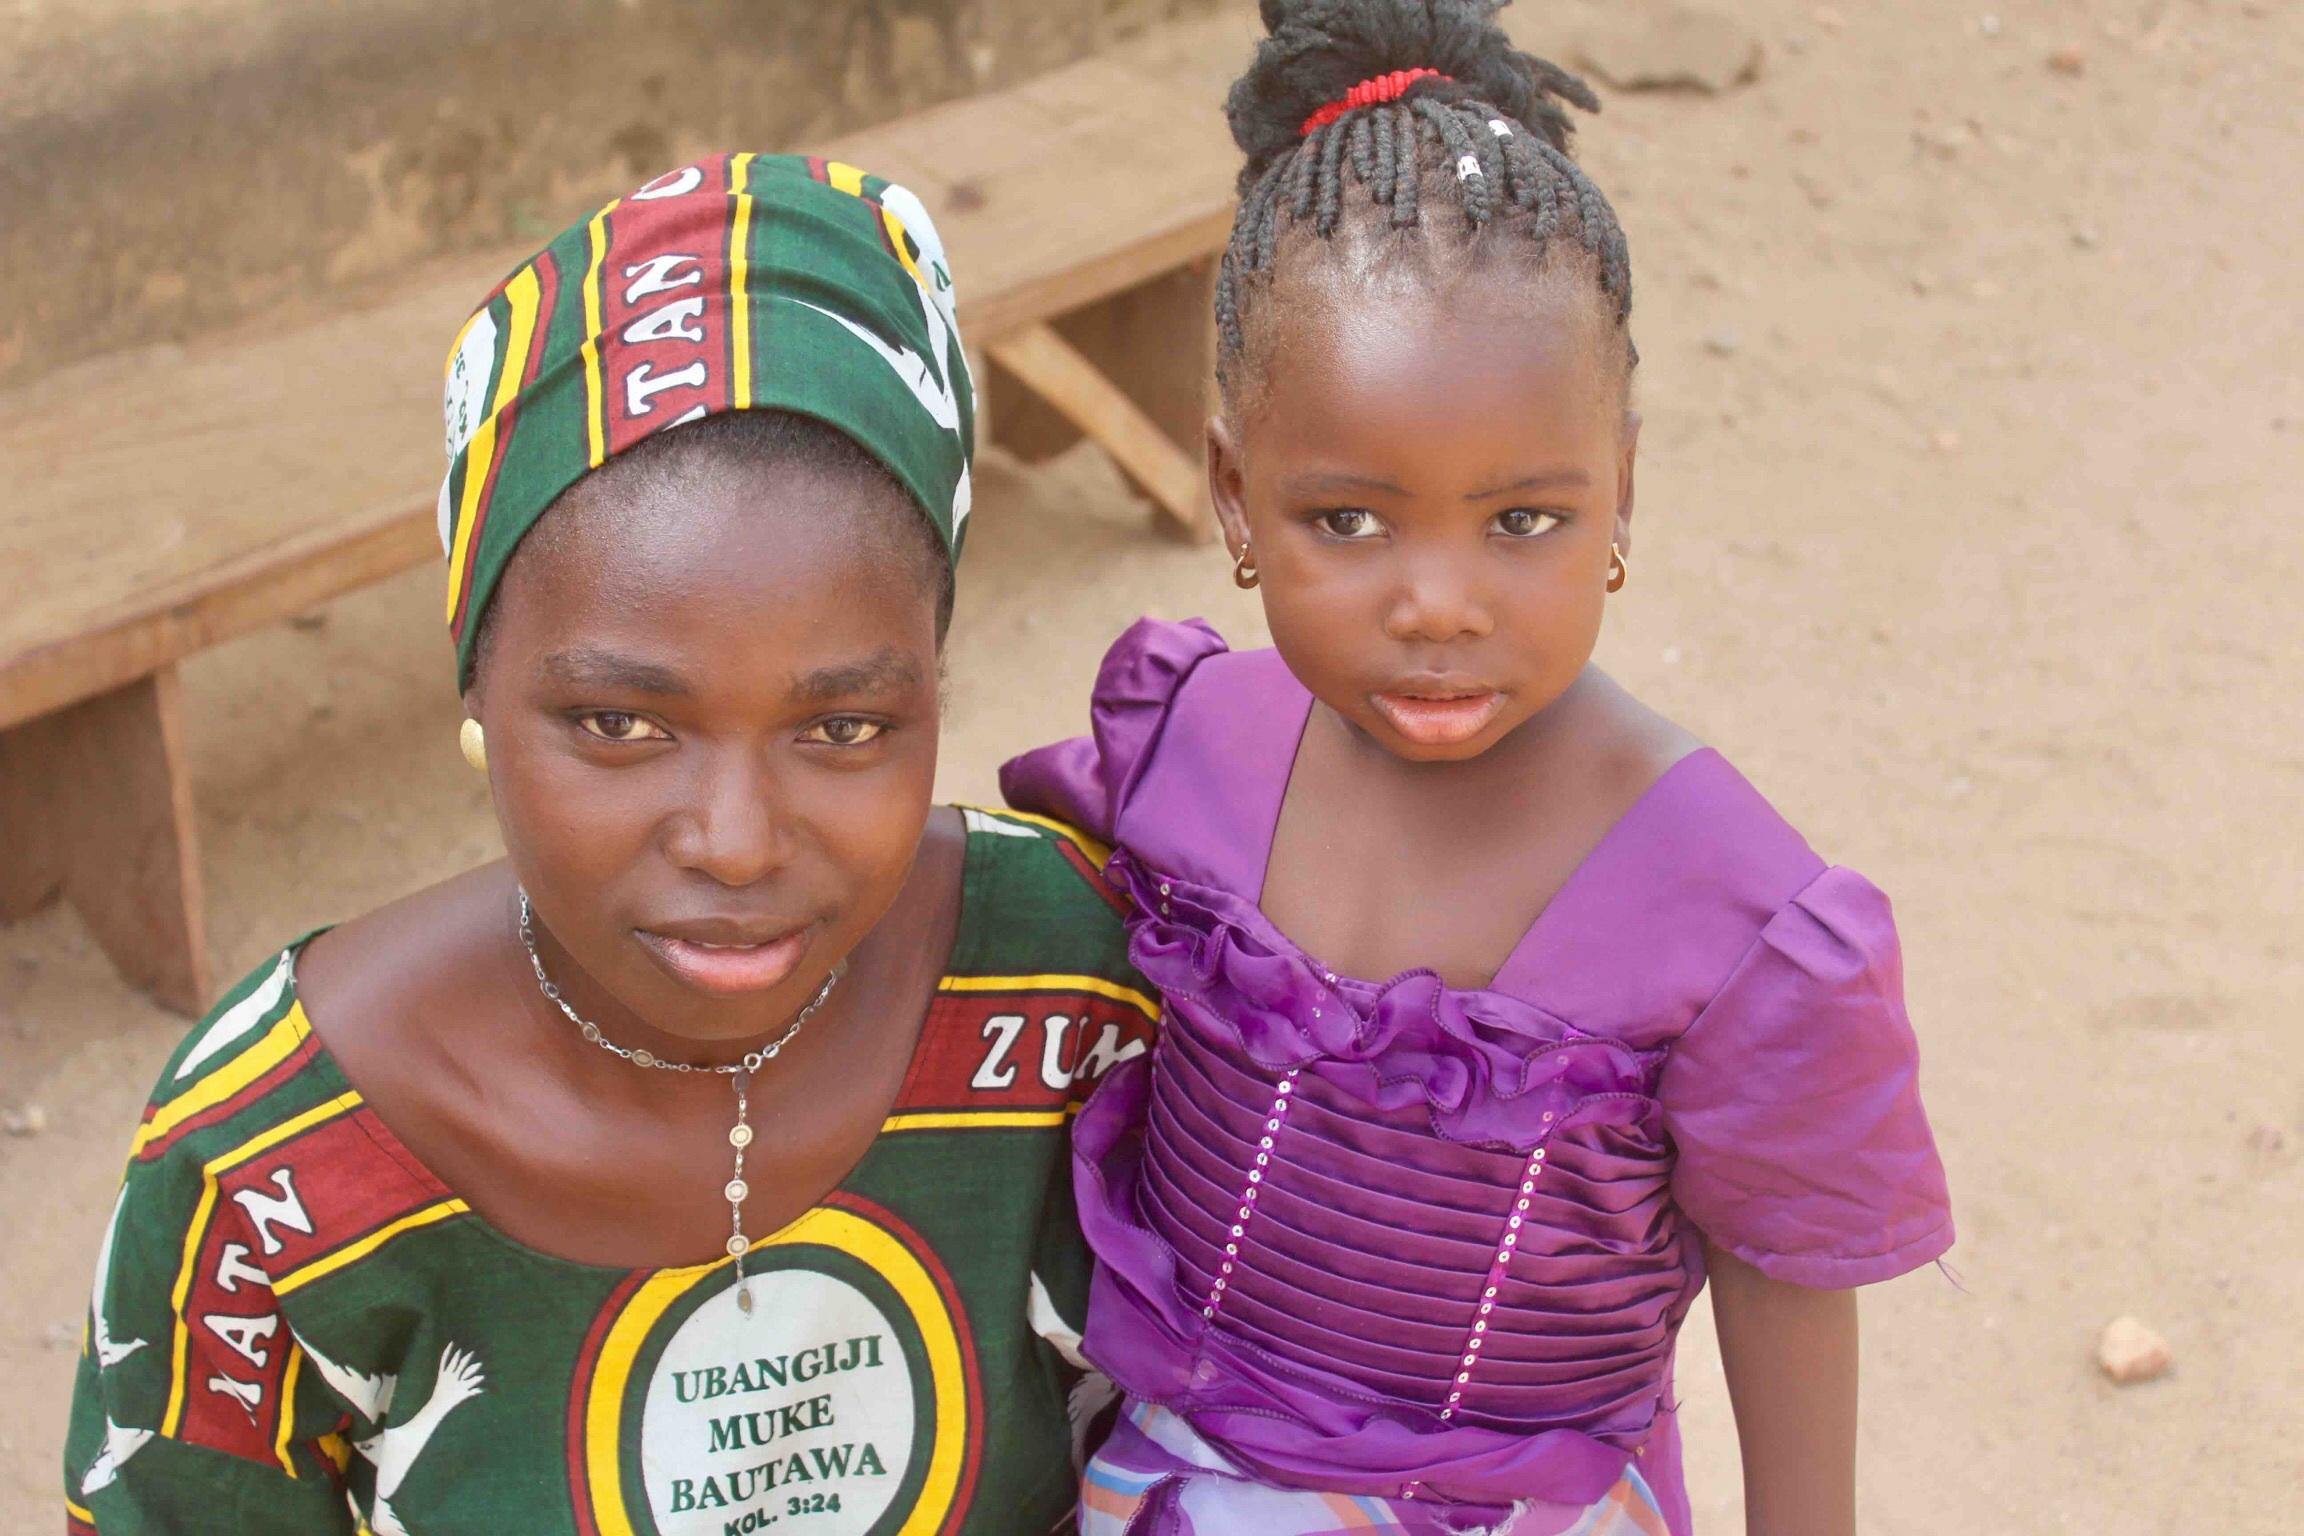 Eggon mother and daughter in Langa Langa Village, Nasarawa State, Nigeria #JujuFilms